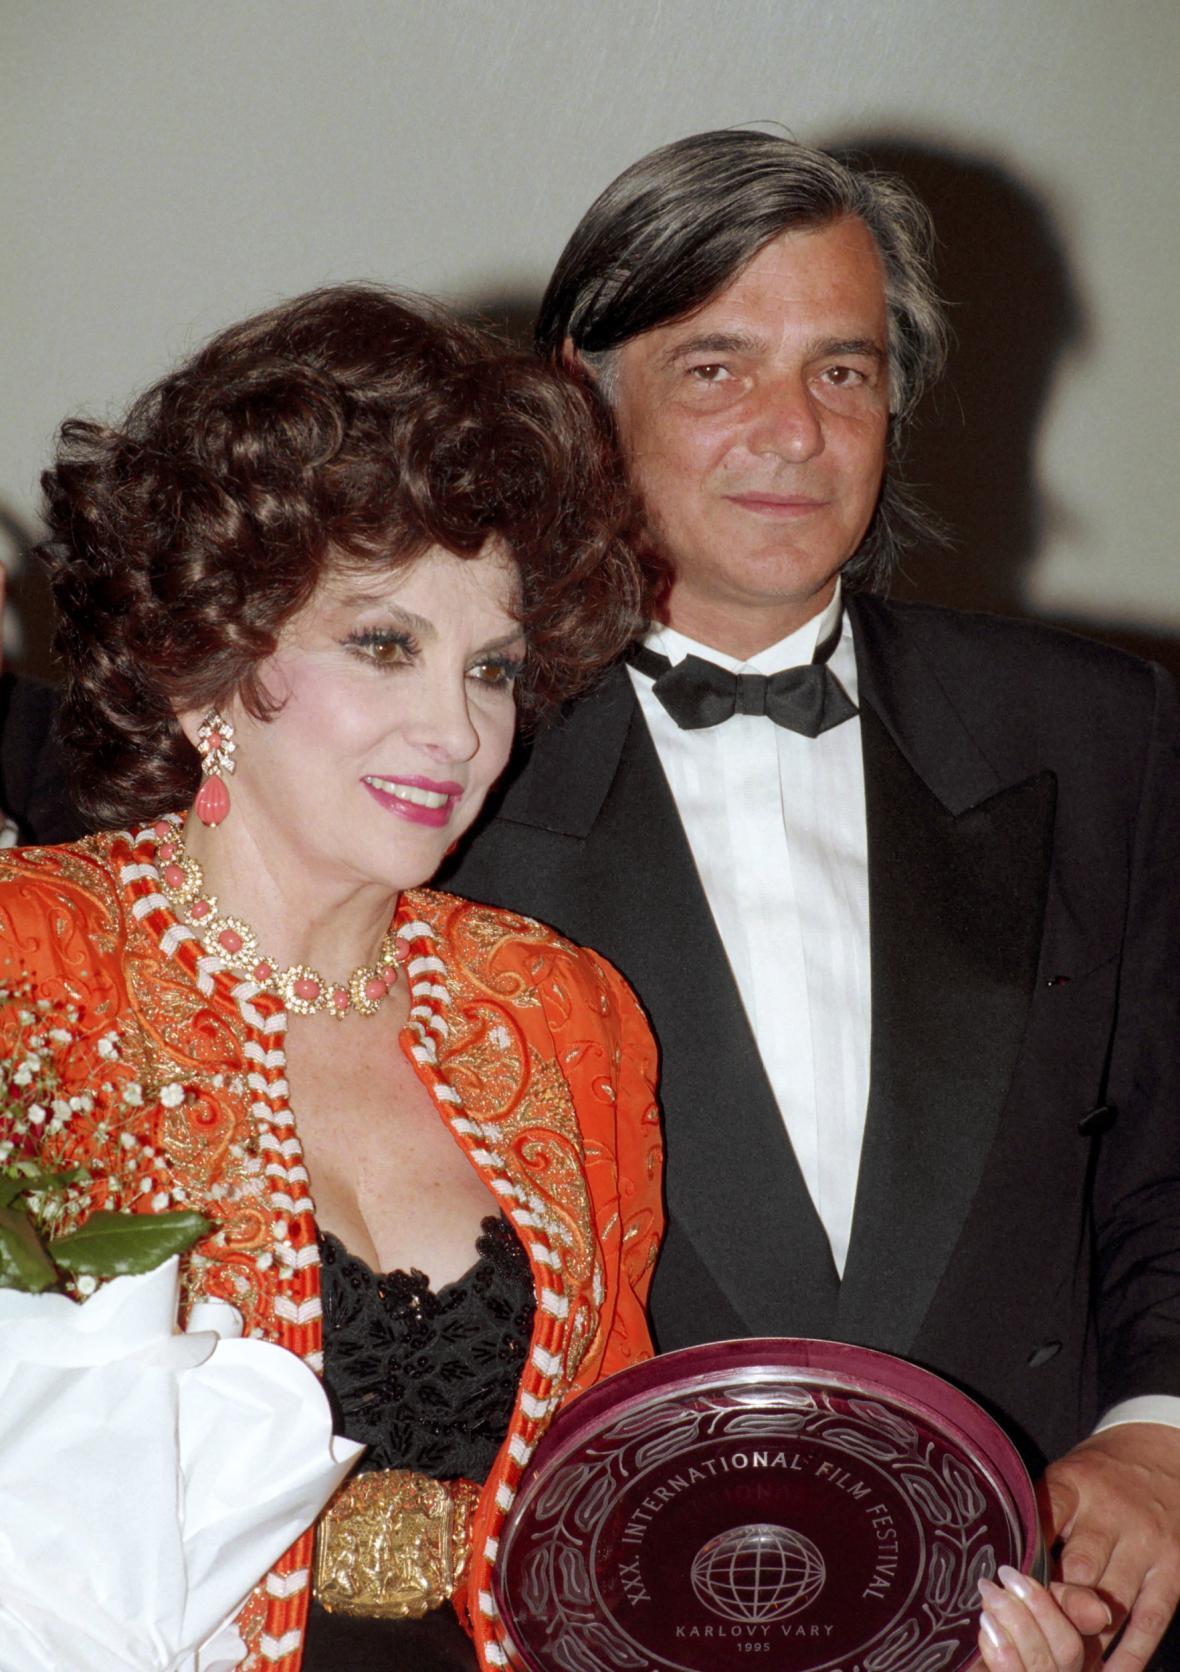 Gina Lollobrigida a Jiří Bartoška, Karlovy Vary (1995)